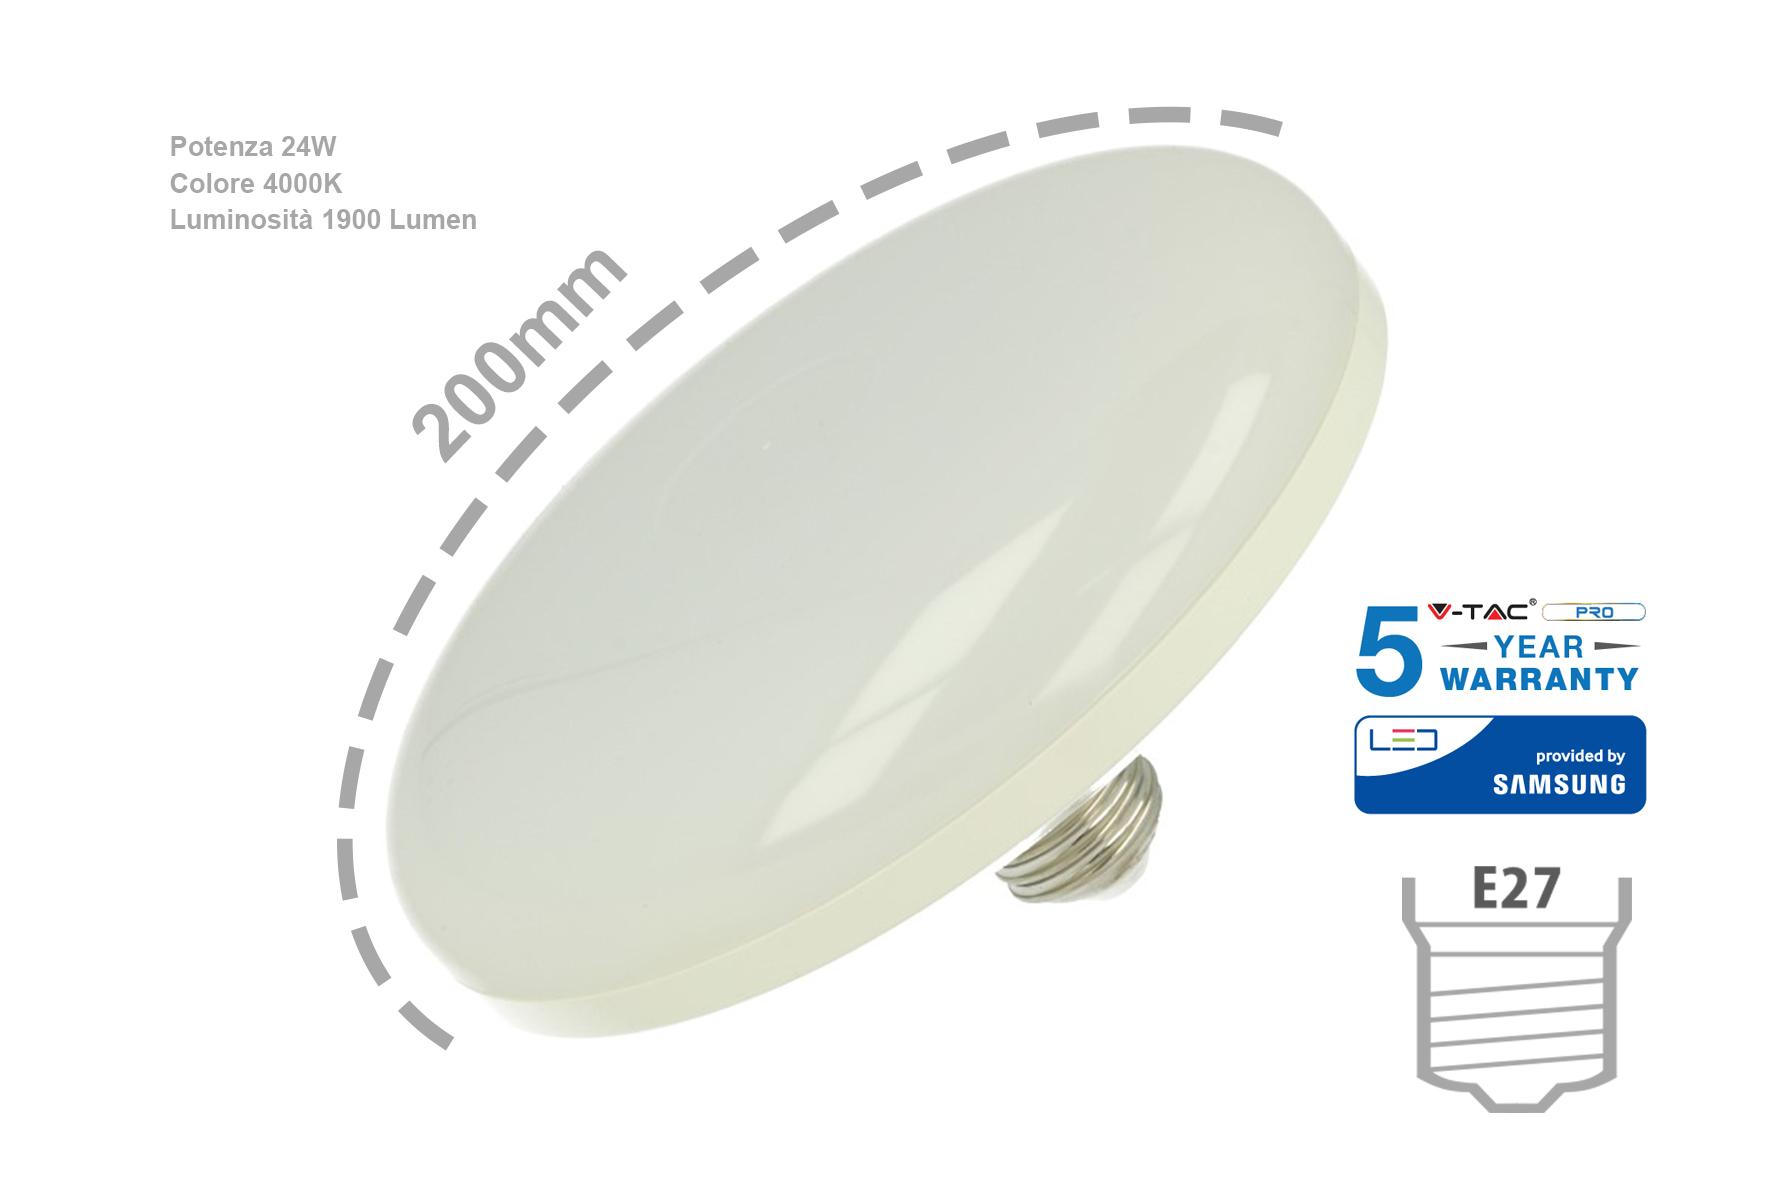 Lampada Led E27 UFO F200 24W 220V Bianco Neutro Samsung Garanzia 5 Anni Per Sostituzione Neon Circolina SKU-217 - PZ